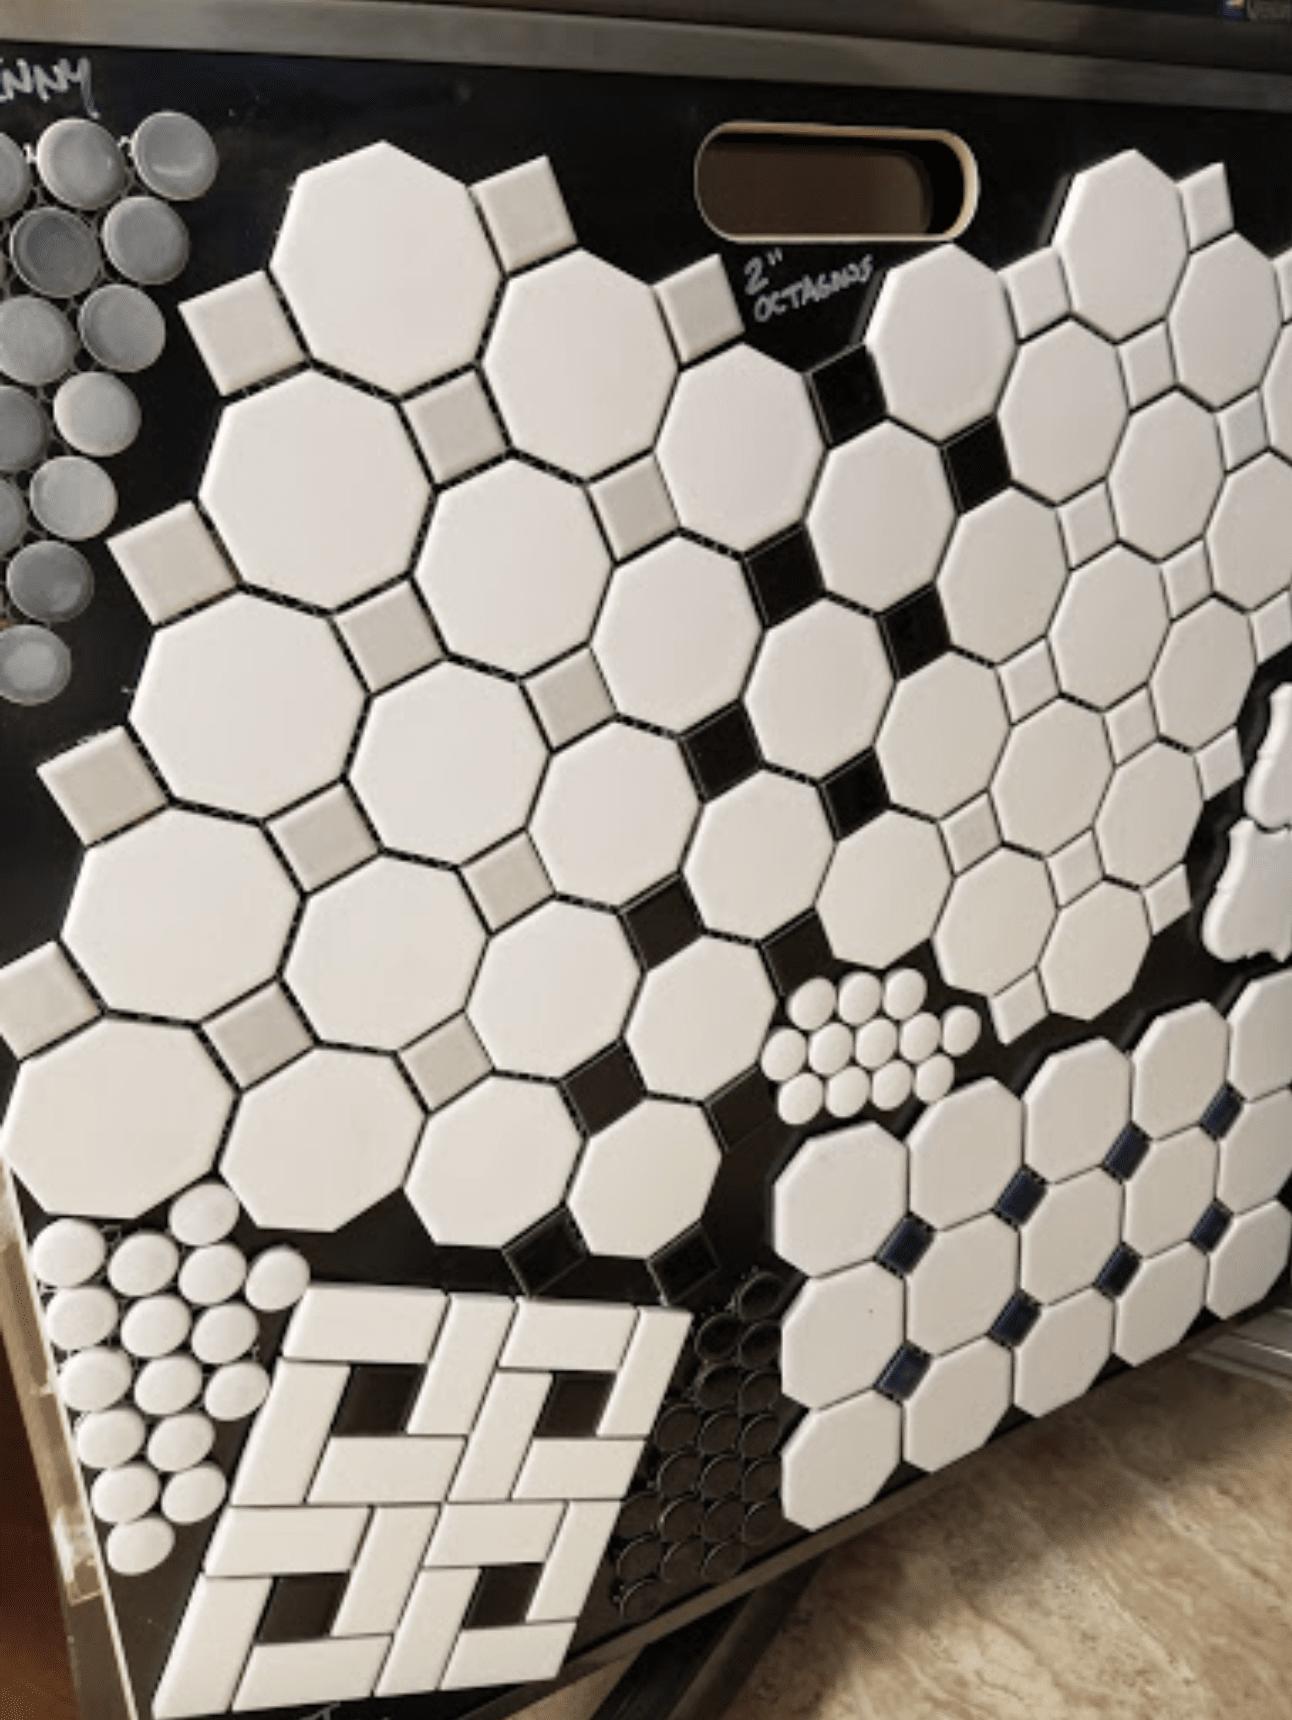 Backsplash tile from Charles Tyre Flooring in Bear, DE